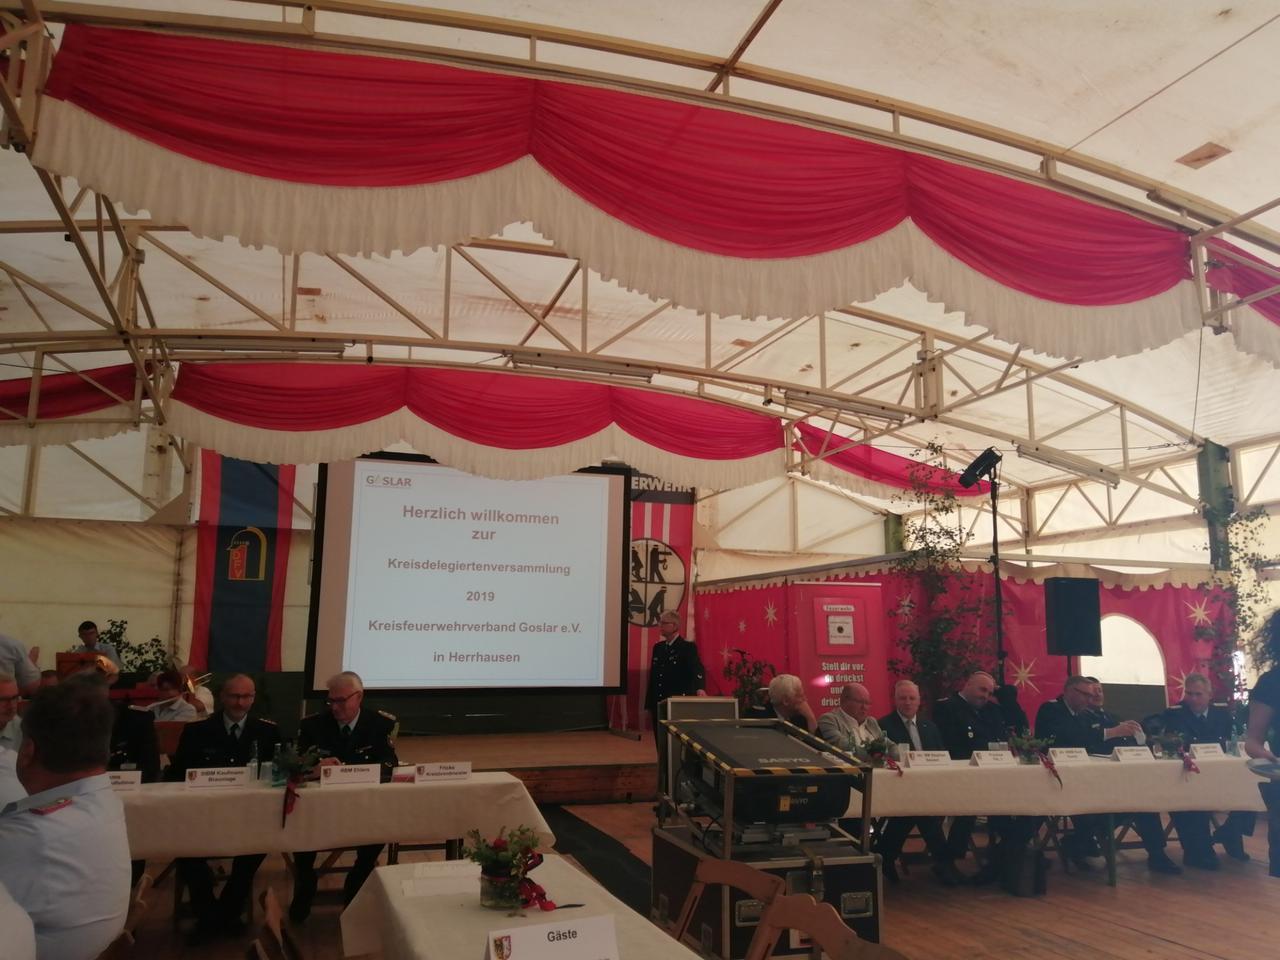 Delegiertenversammlung im Festzelt